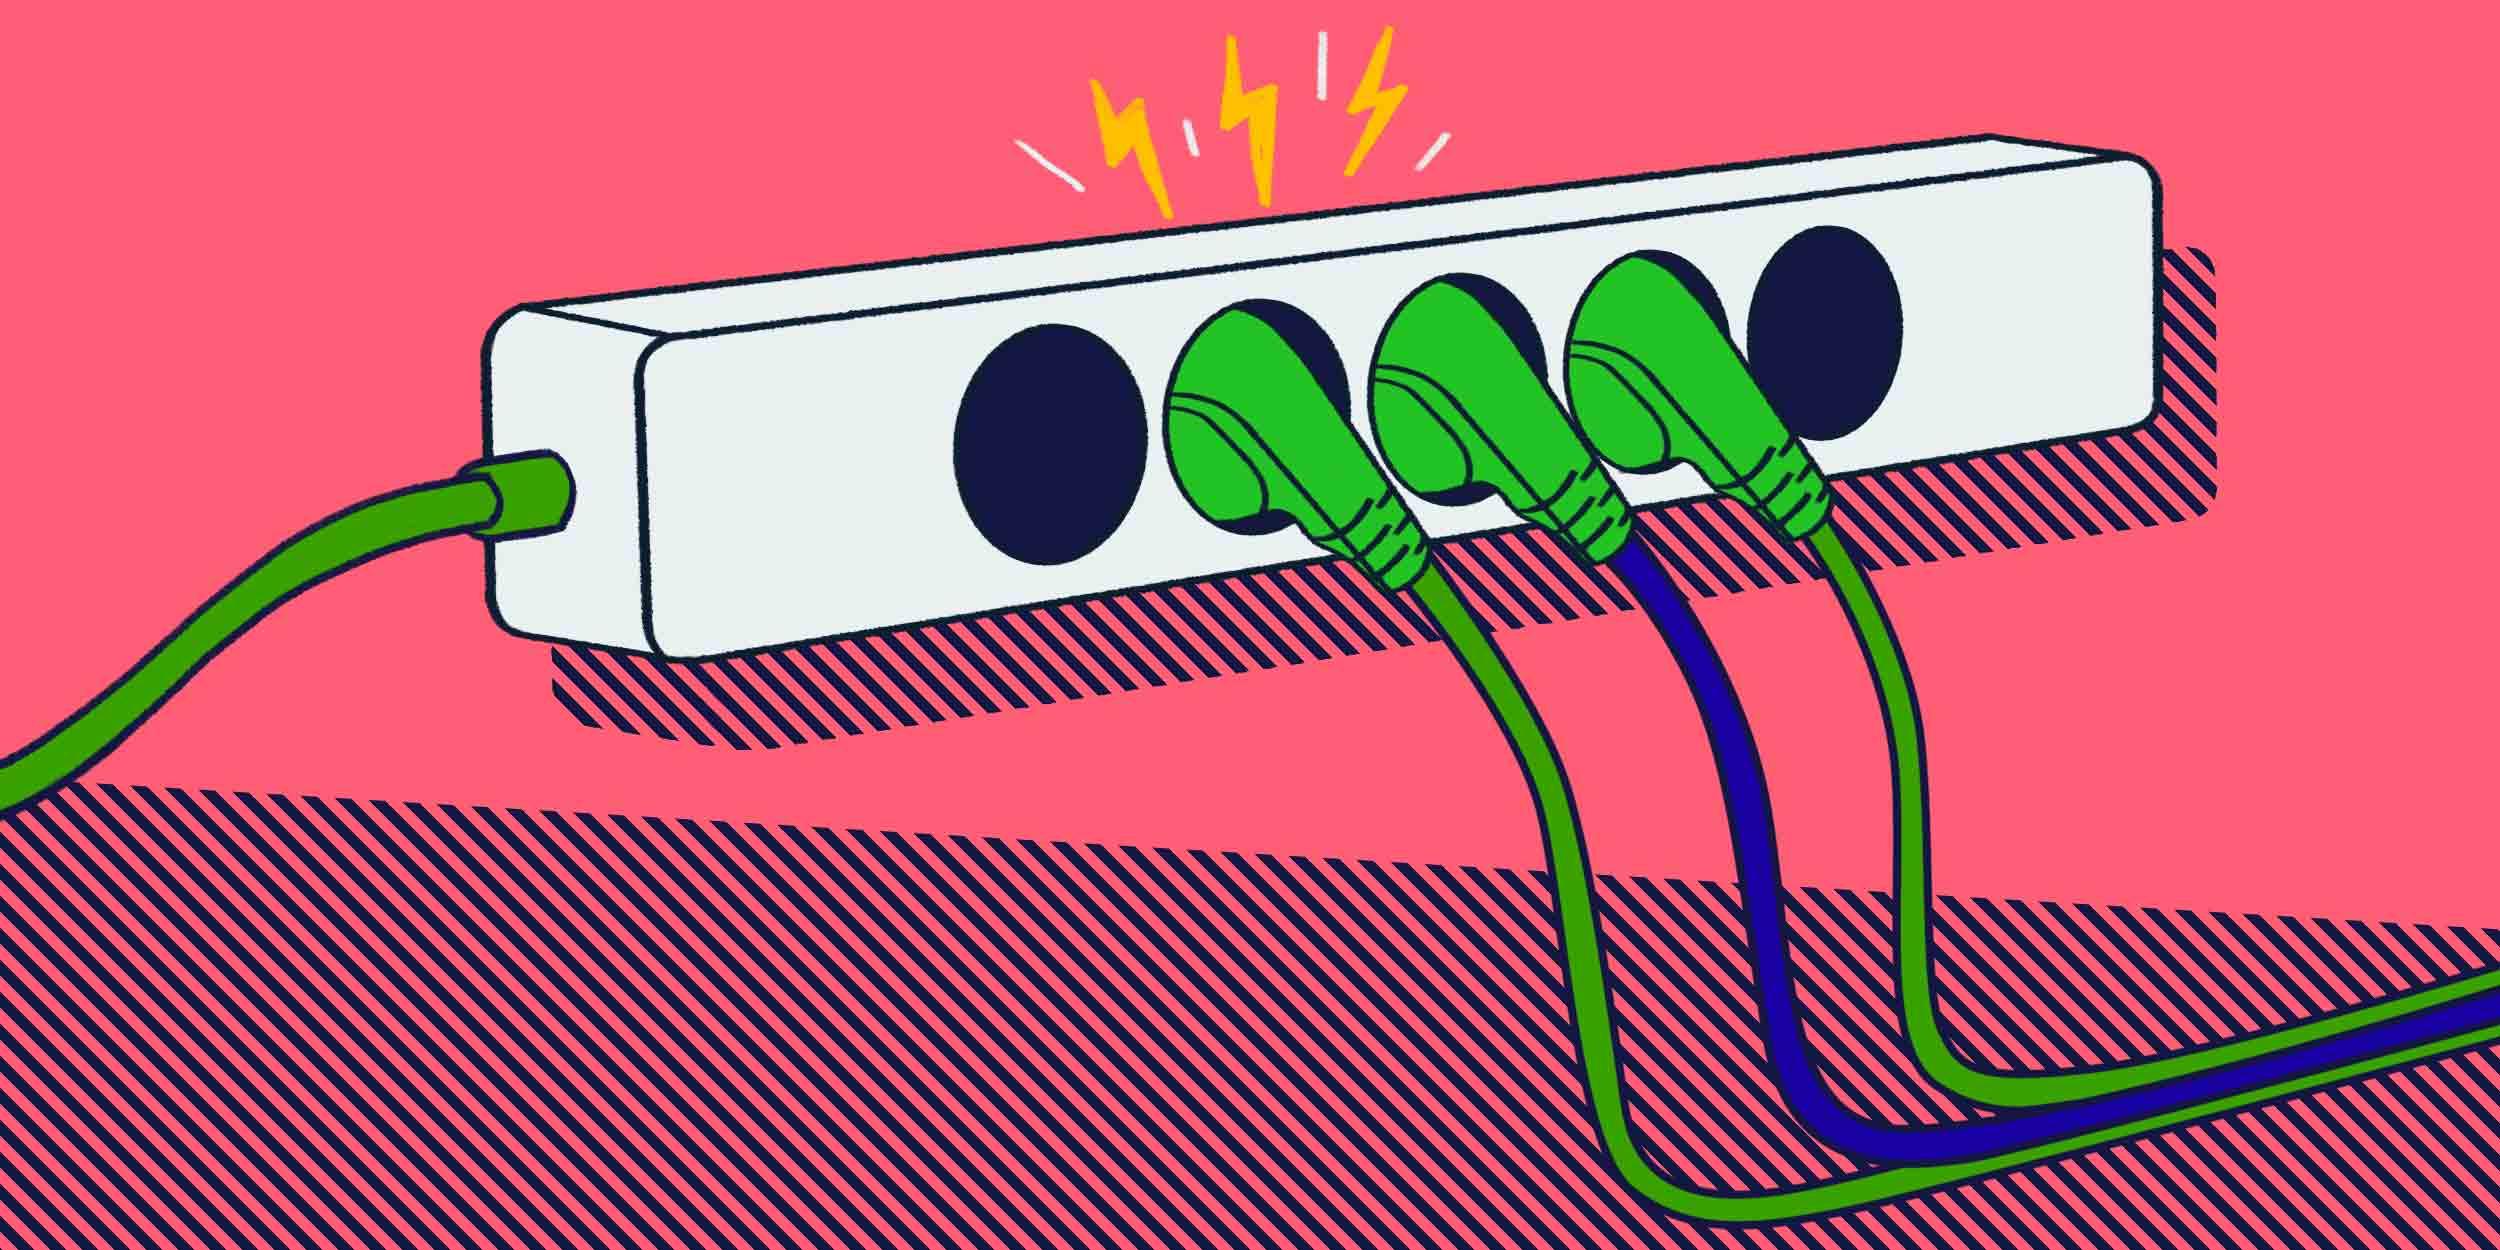 Опасность бытовых электроприборов.